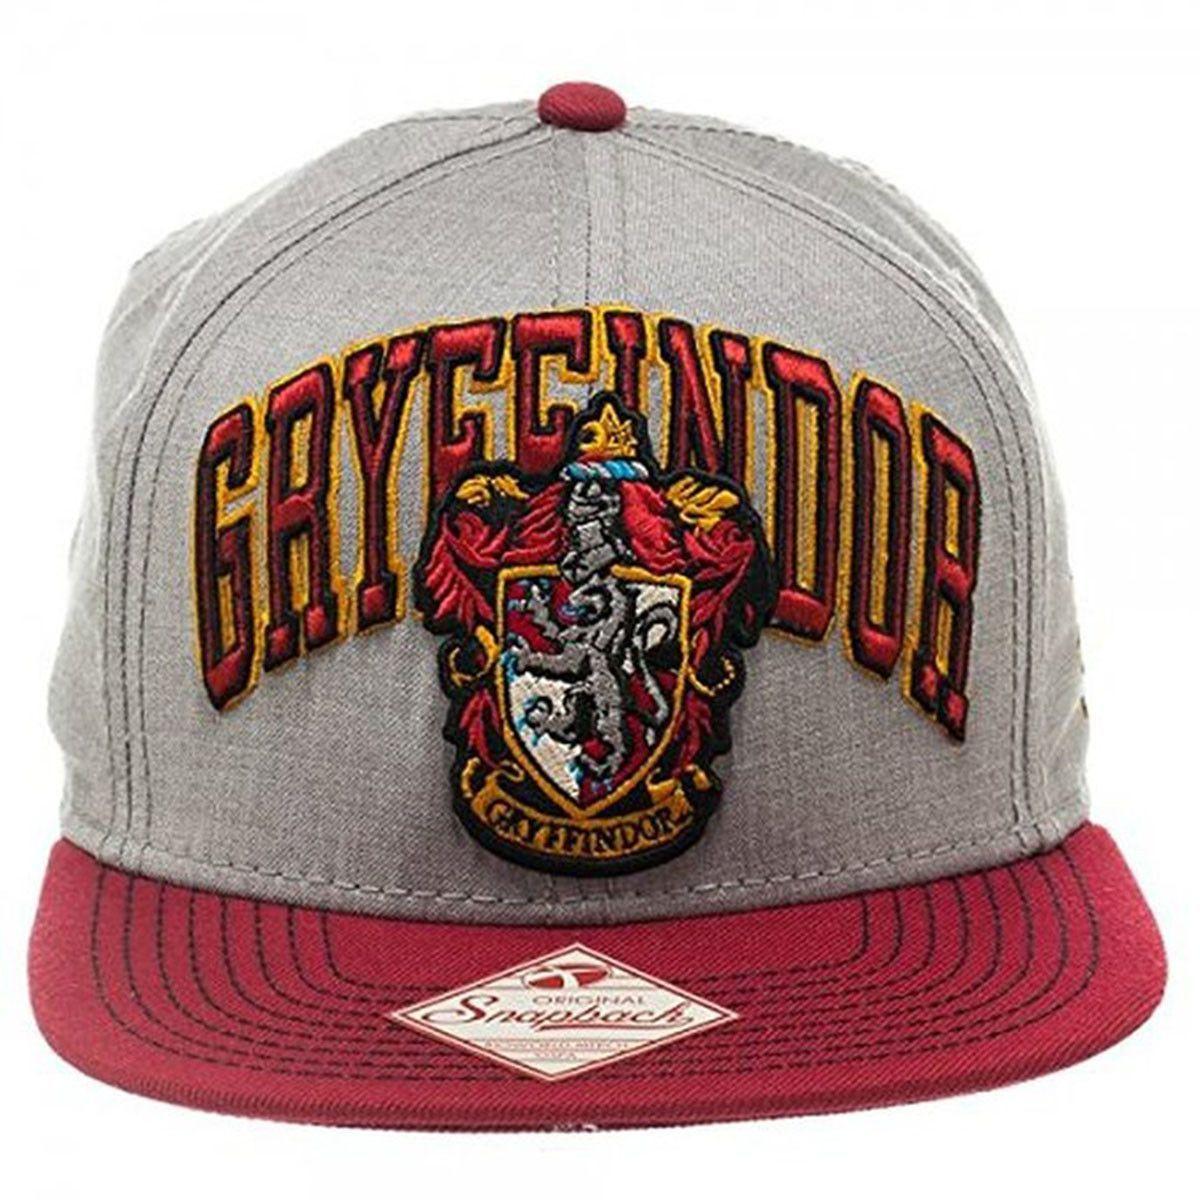 5d410e309bcc9 Harry Potter Gryffindor Snapback Hat